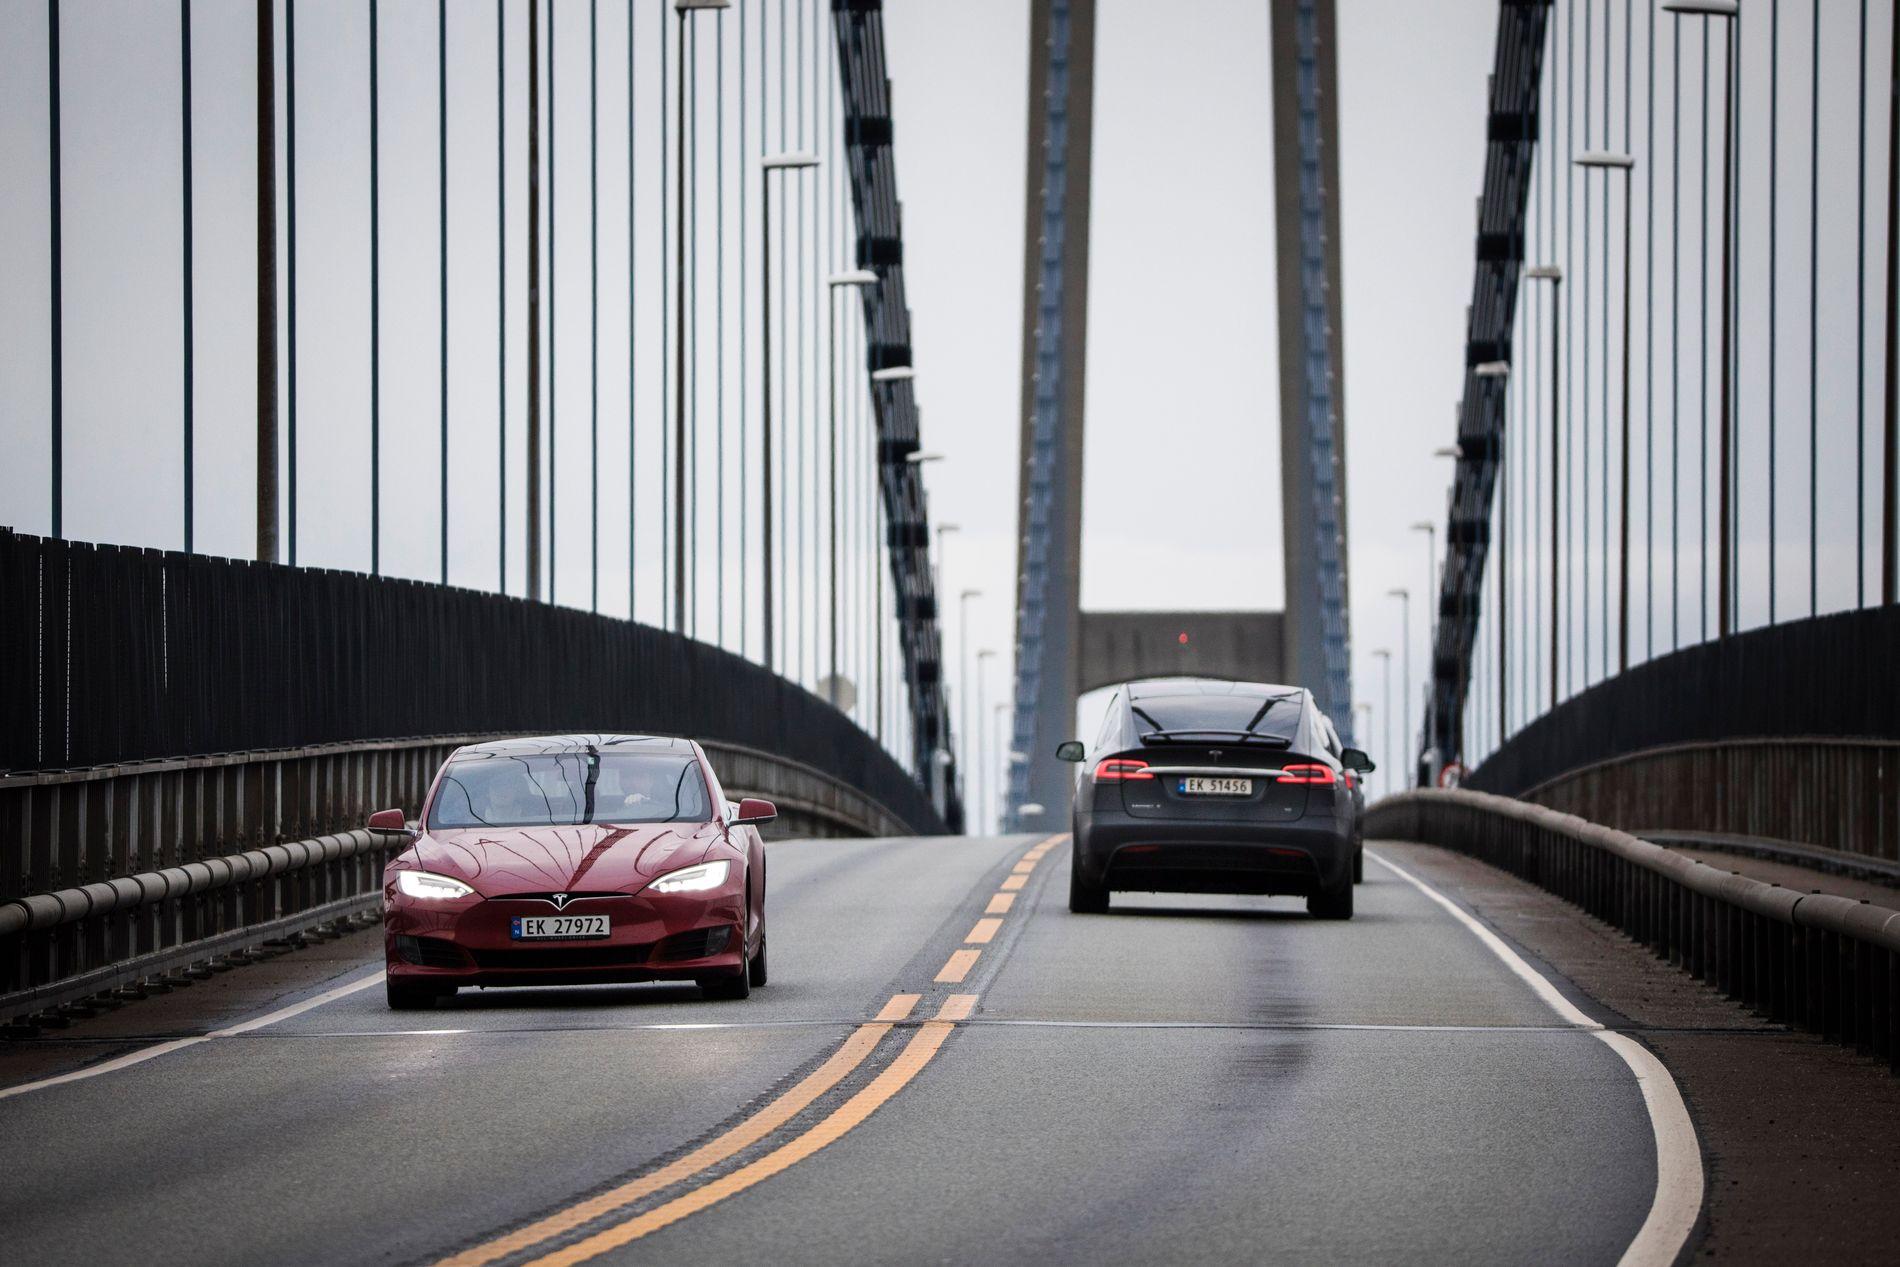 POPULÆR: Sjølv om reklama skryt av at Tesla er meir populær enn før, kan vi ikkje seie at teslaen kjem til å utkonkurrere alle andre bilmerke med det første, skriv innsendar.